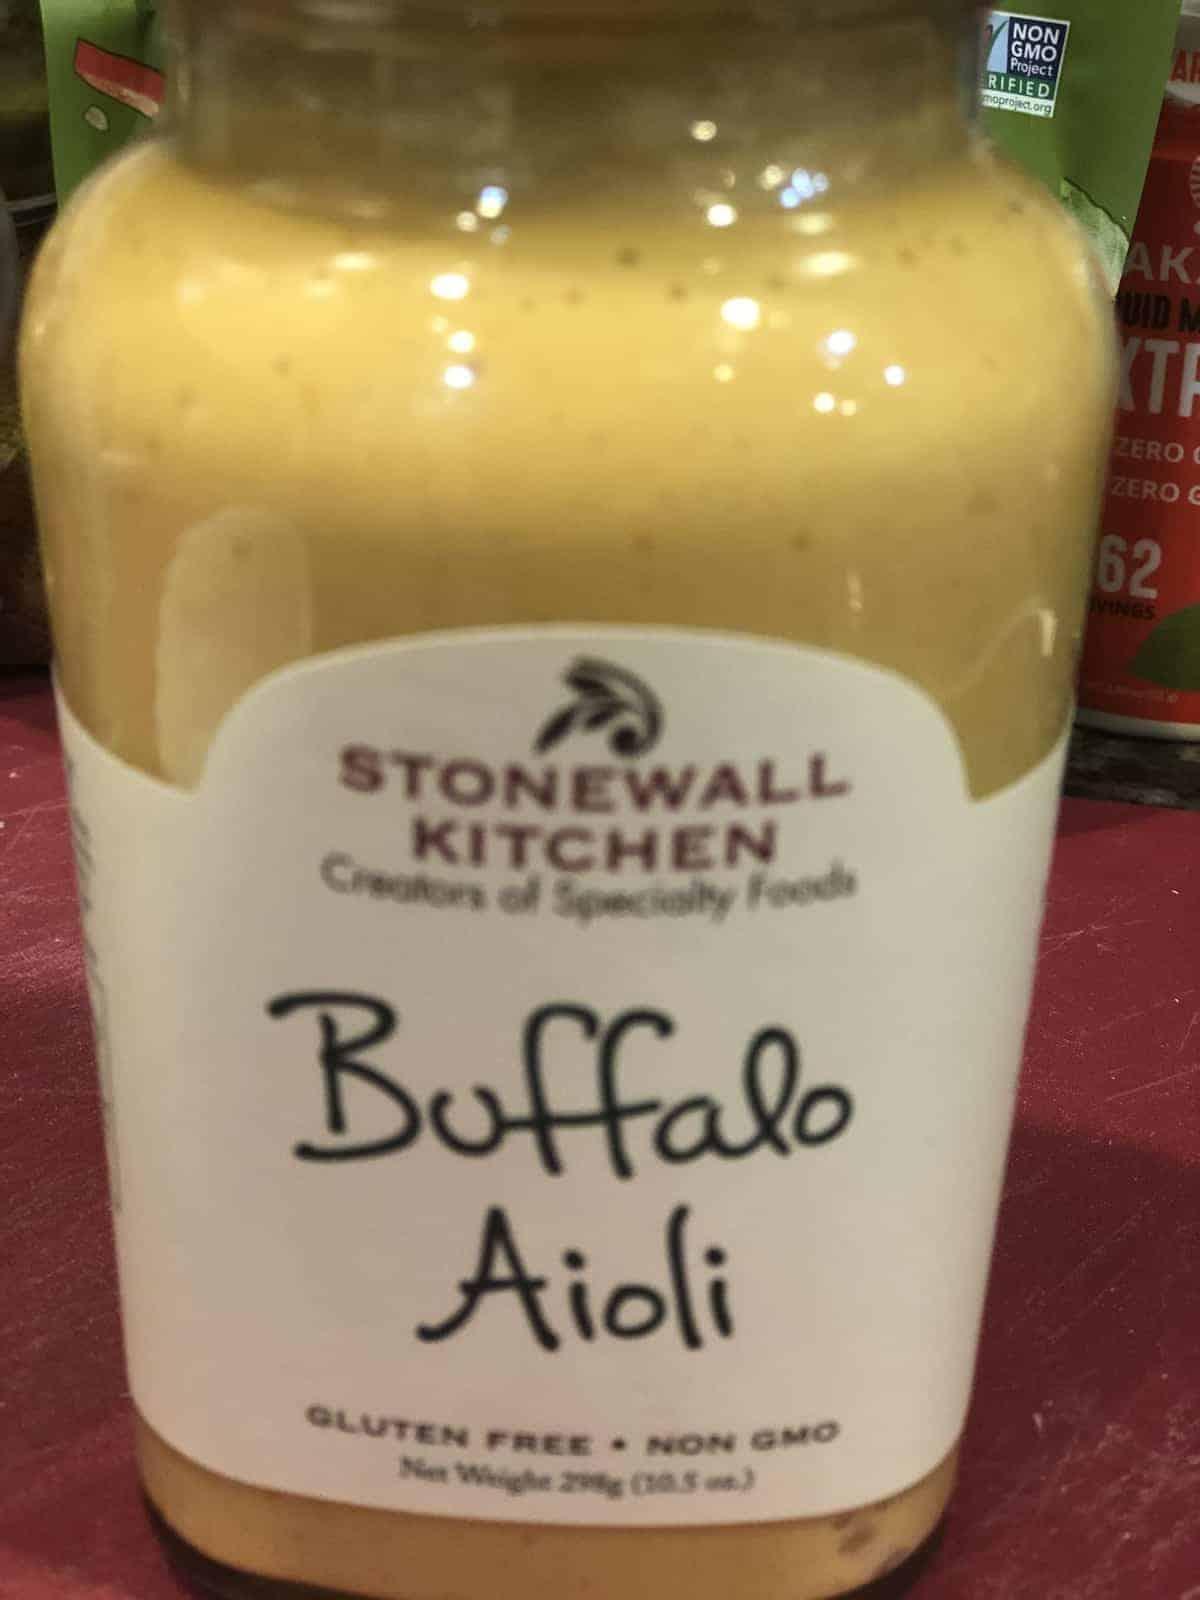 A jar of Buffalo Aioii Sauce